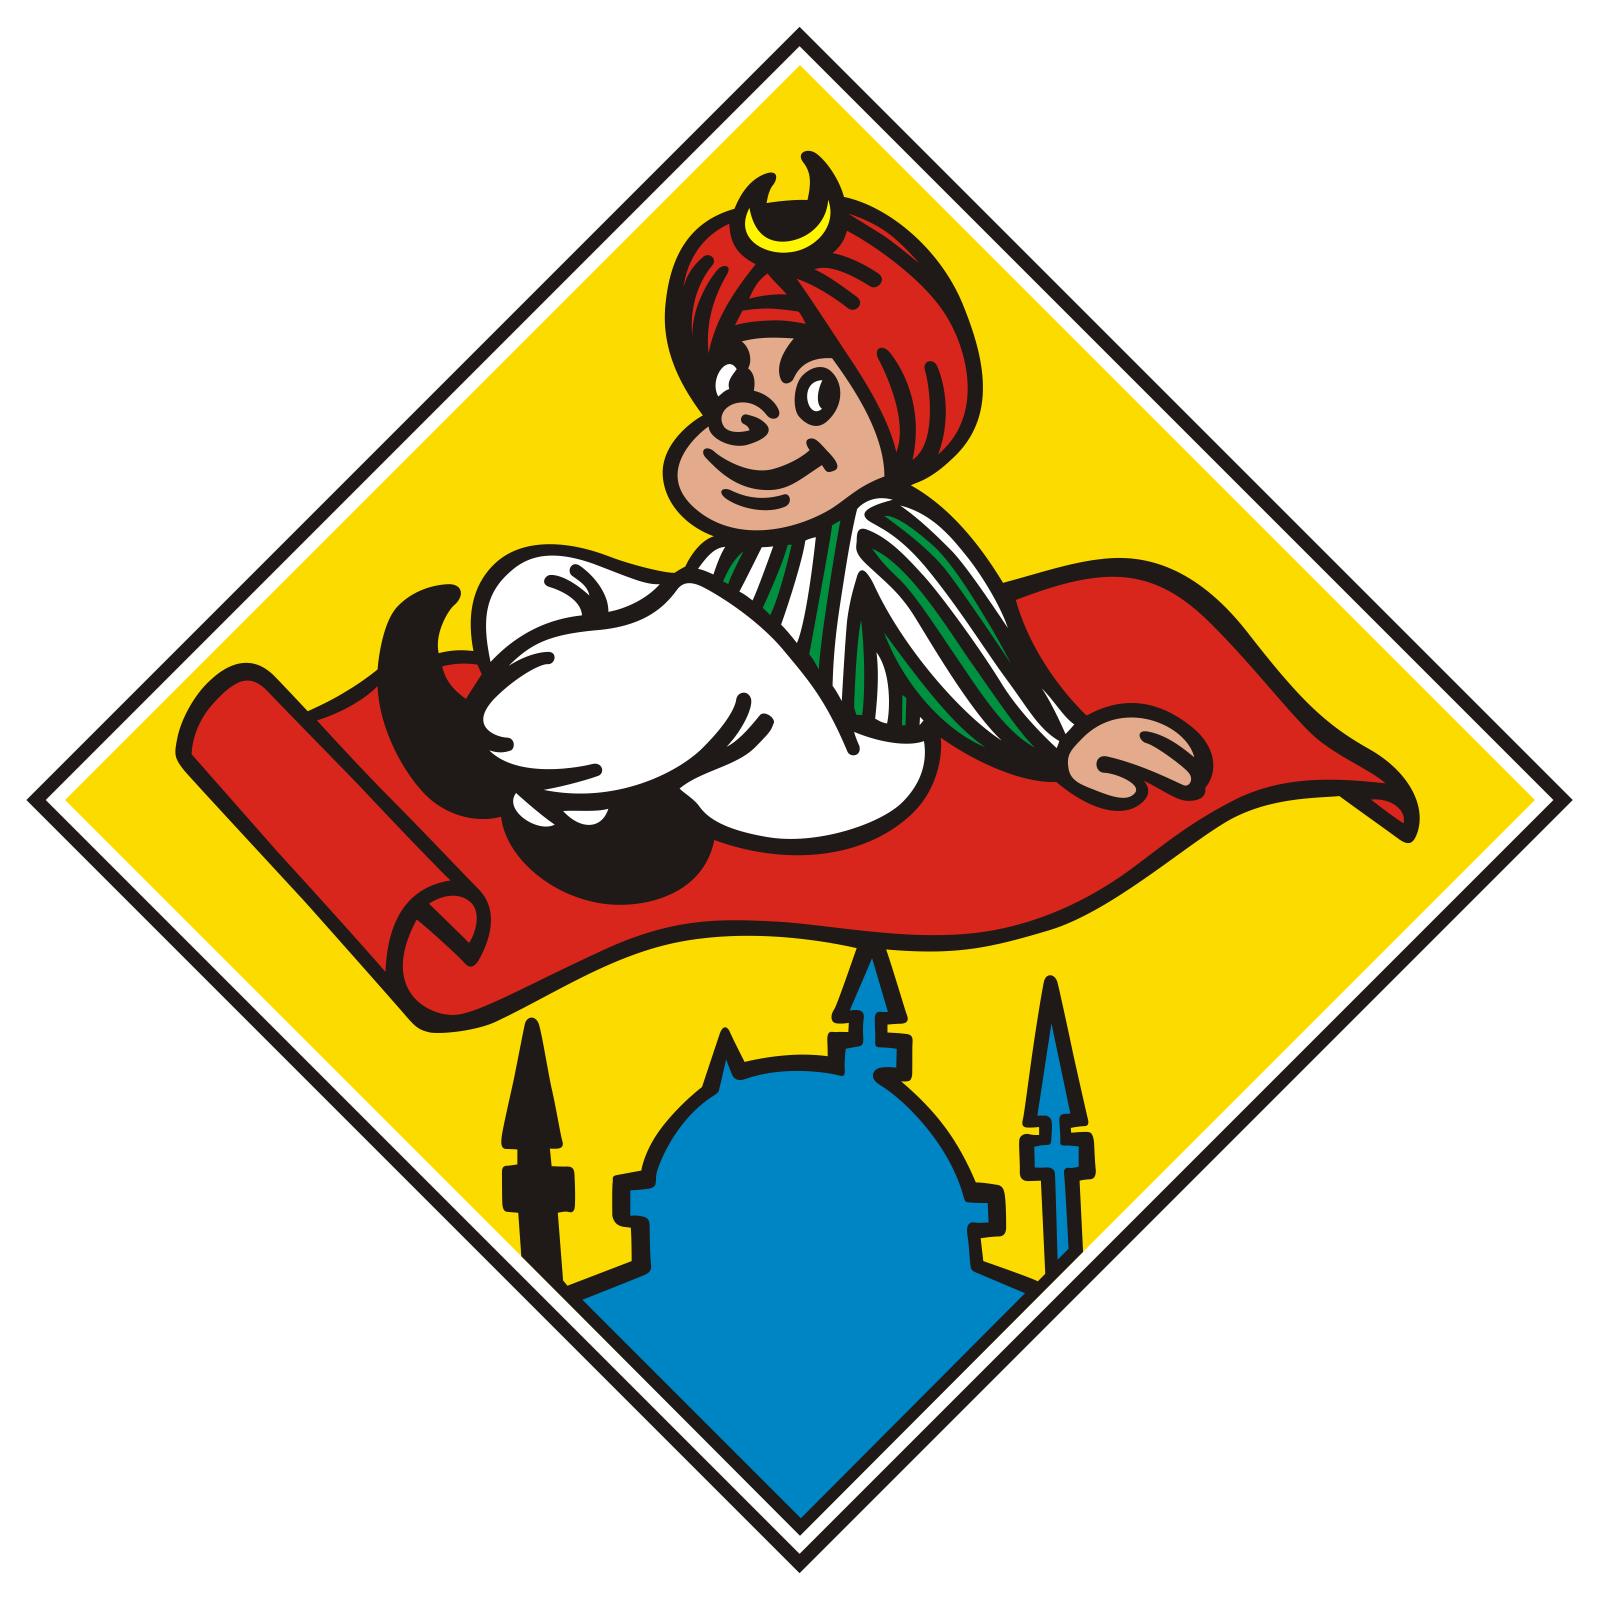 Koberce Strnad Lišov